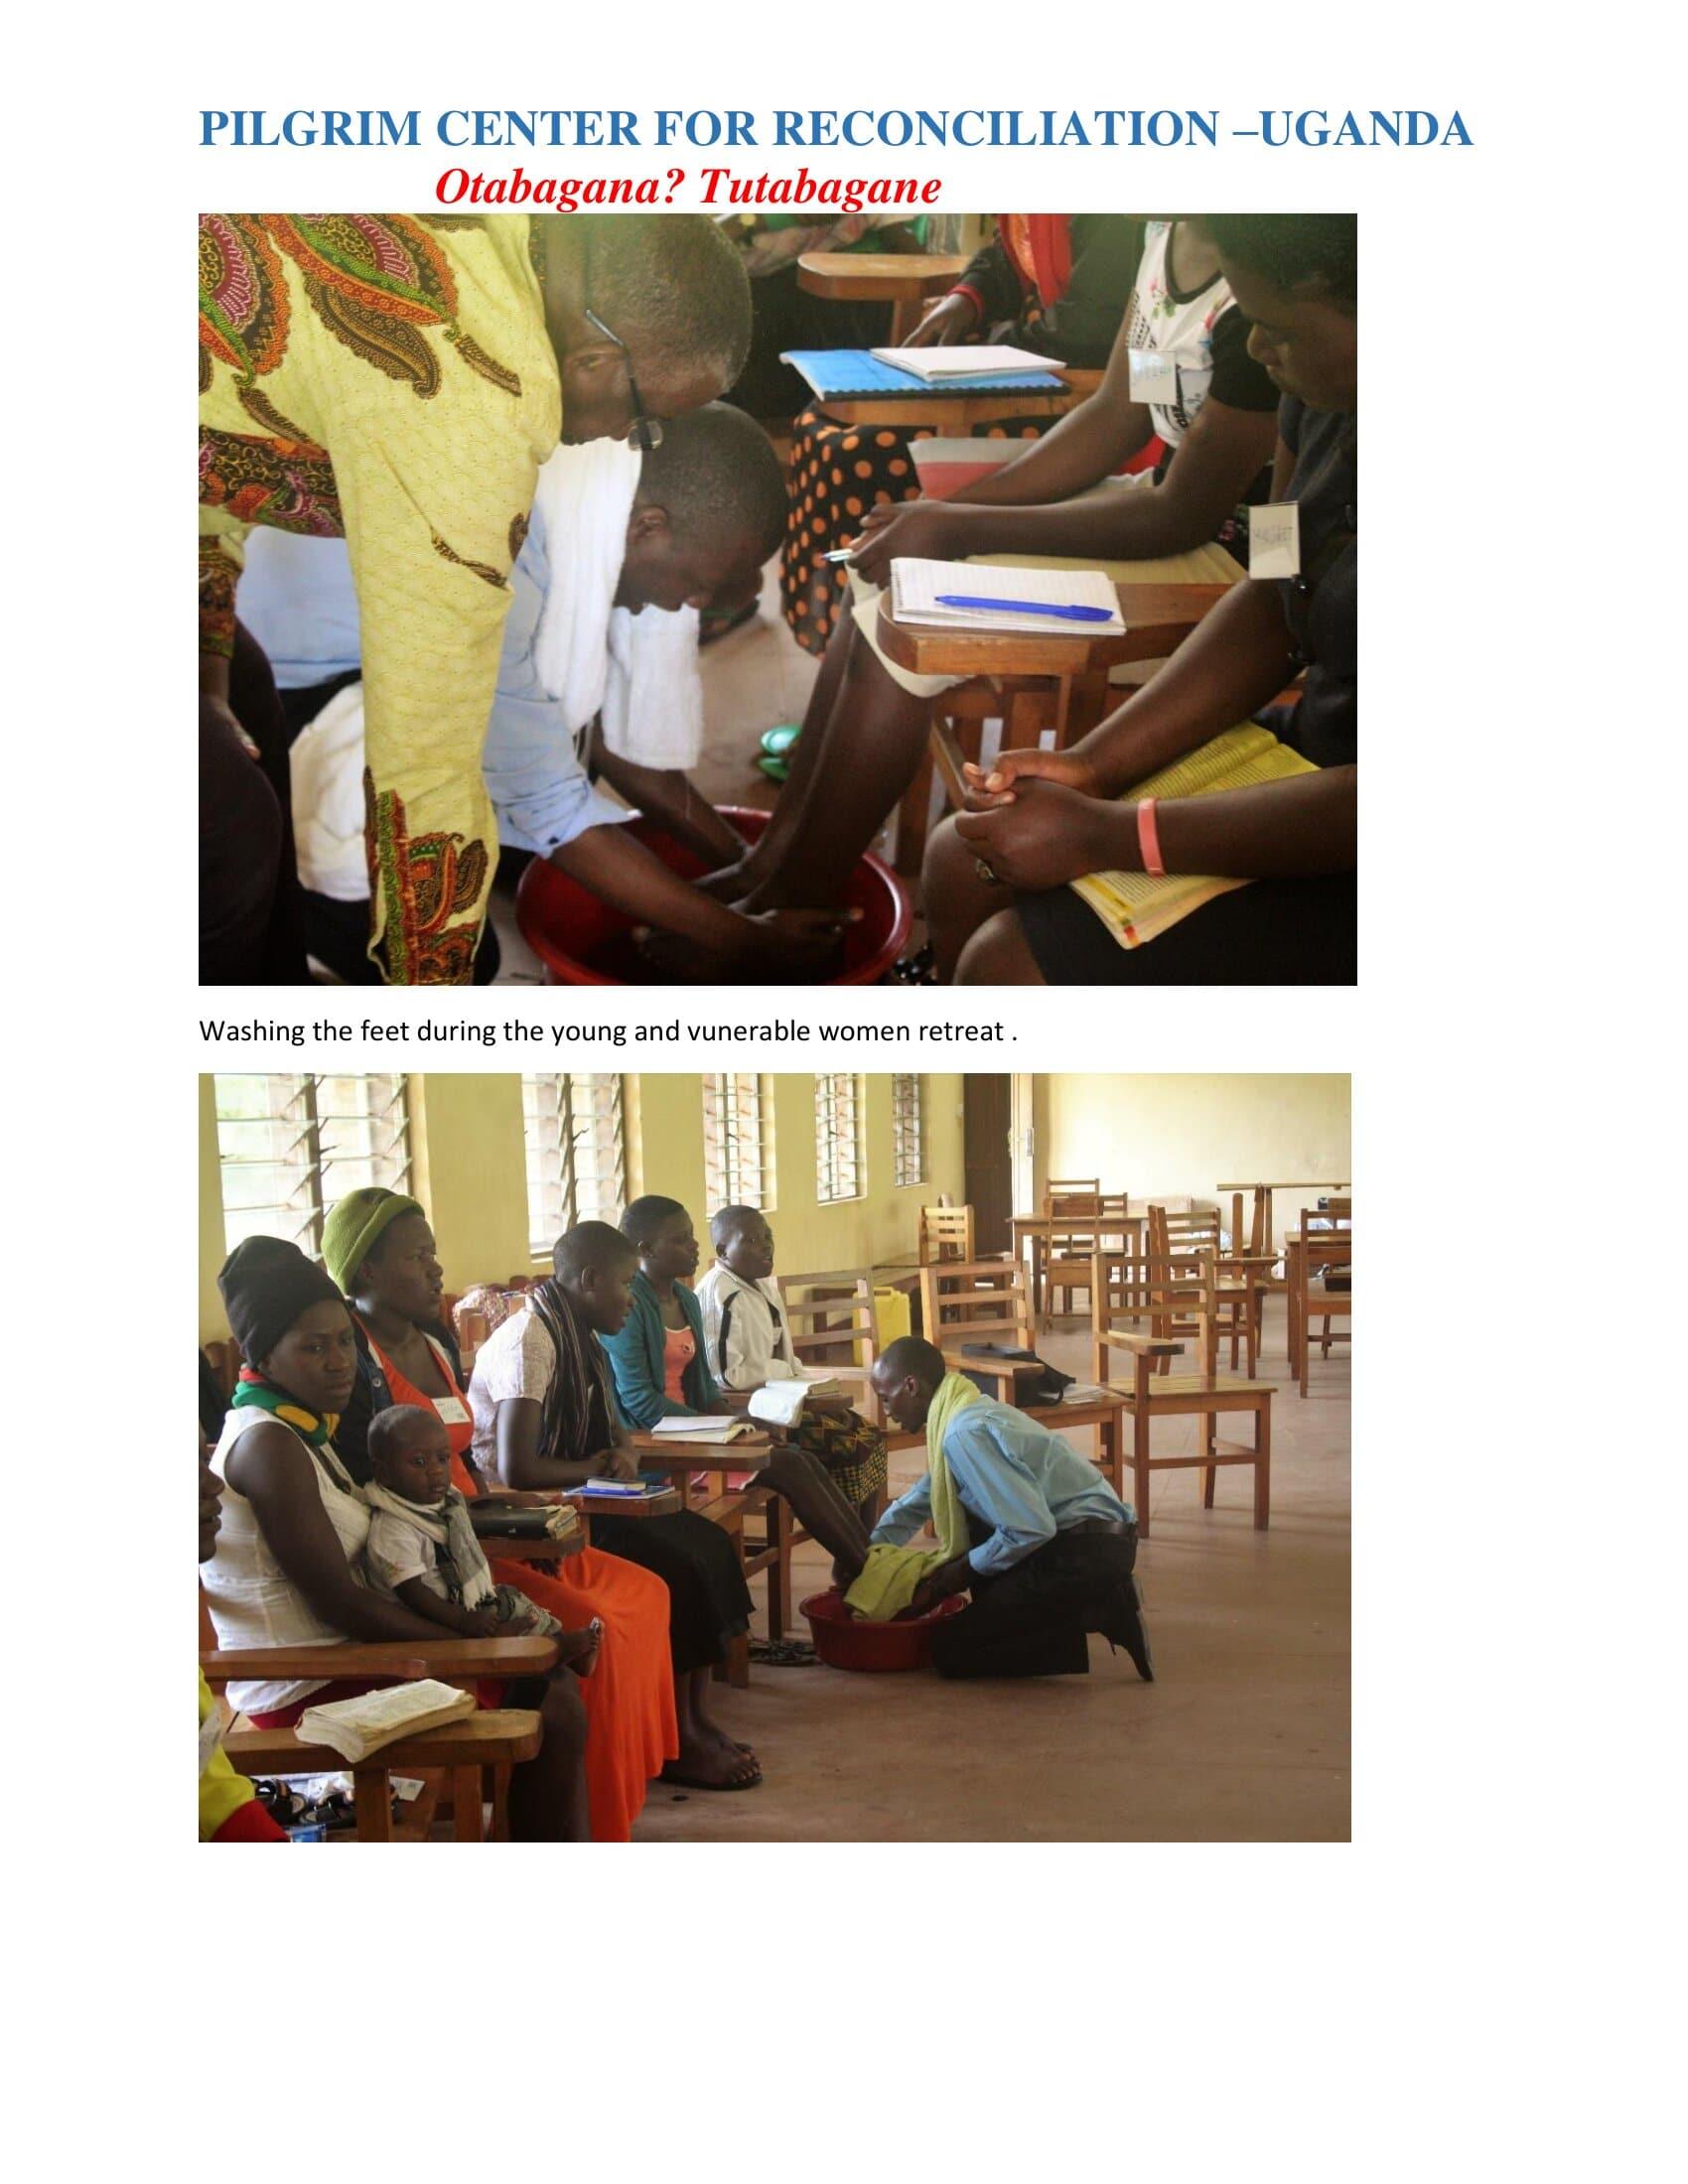 Pirigrim center for reconcilation -Uganda _0015-min